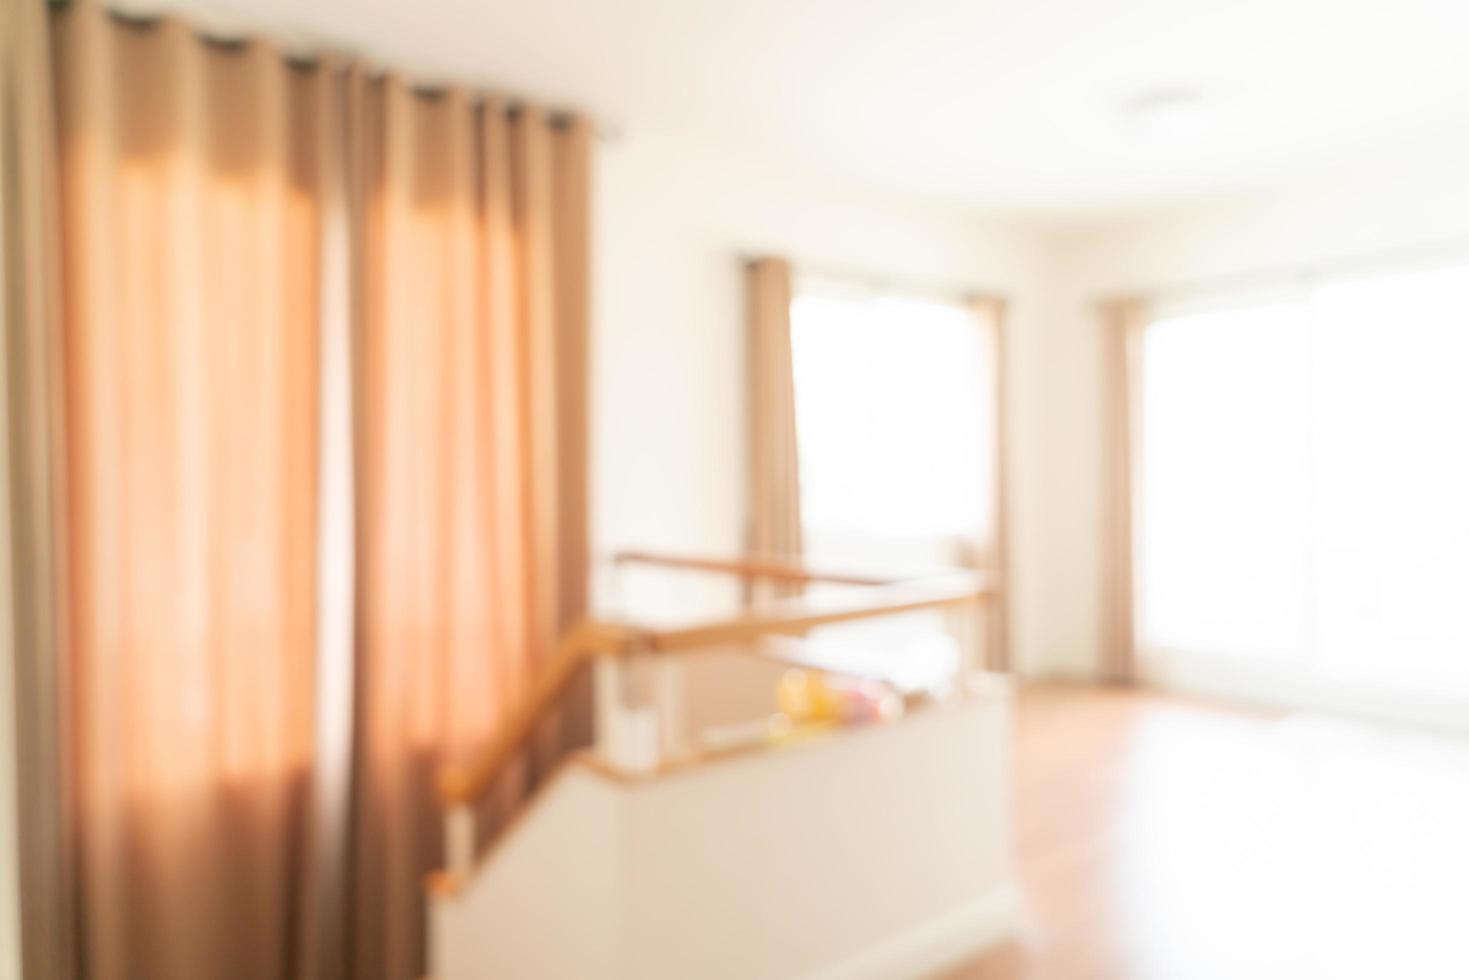 abstrakt suddighet tomt rum i ett hus för bakgrund foto